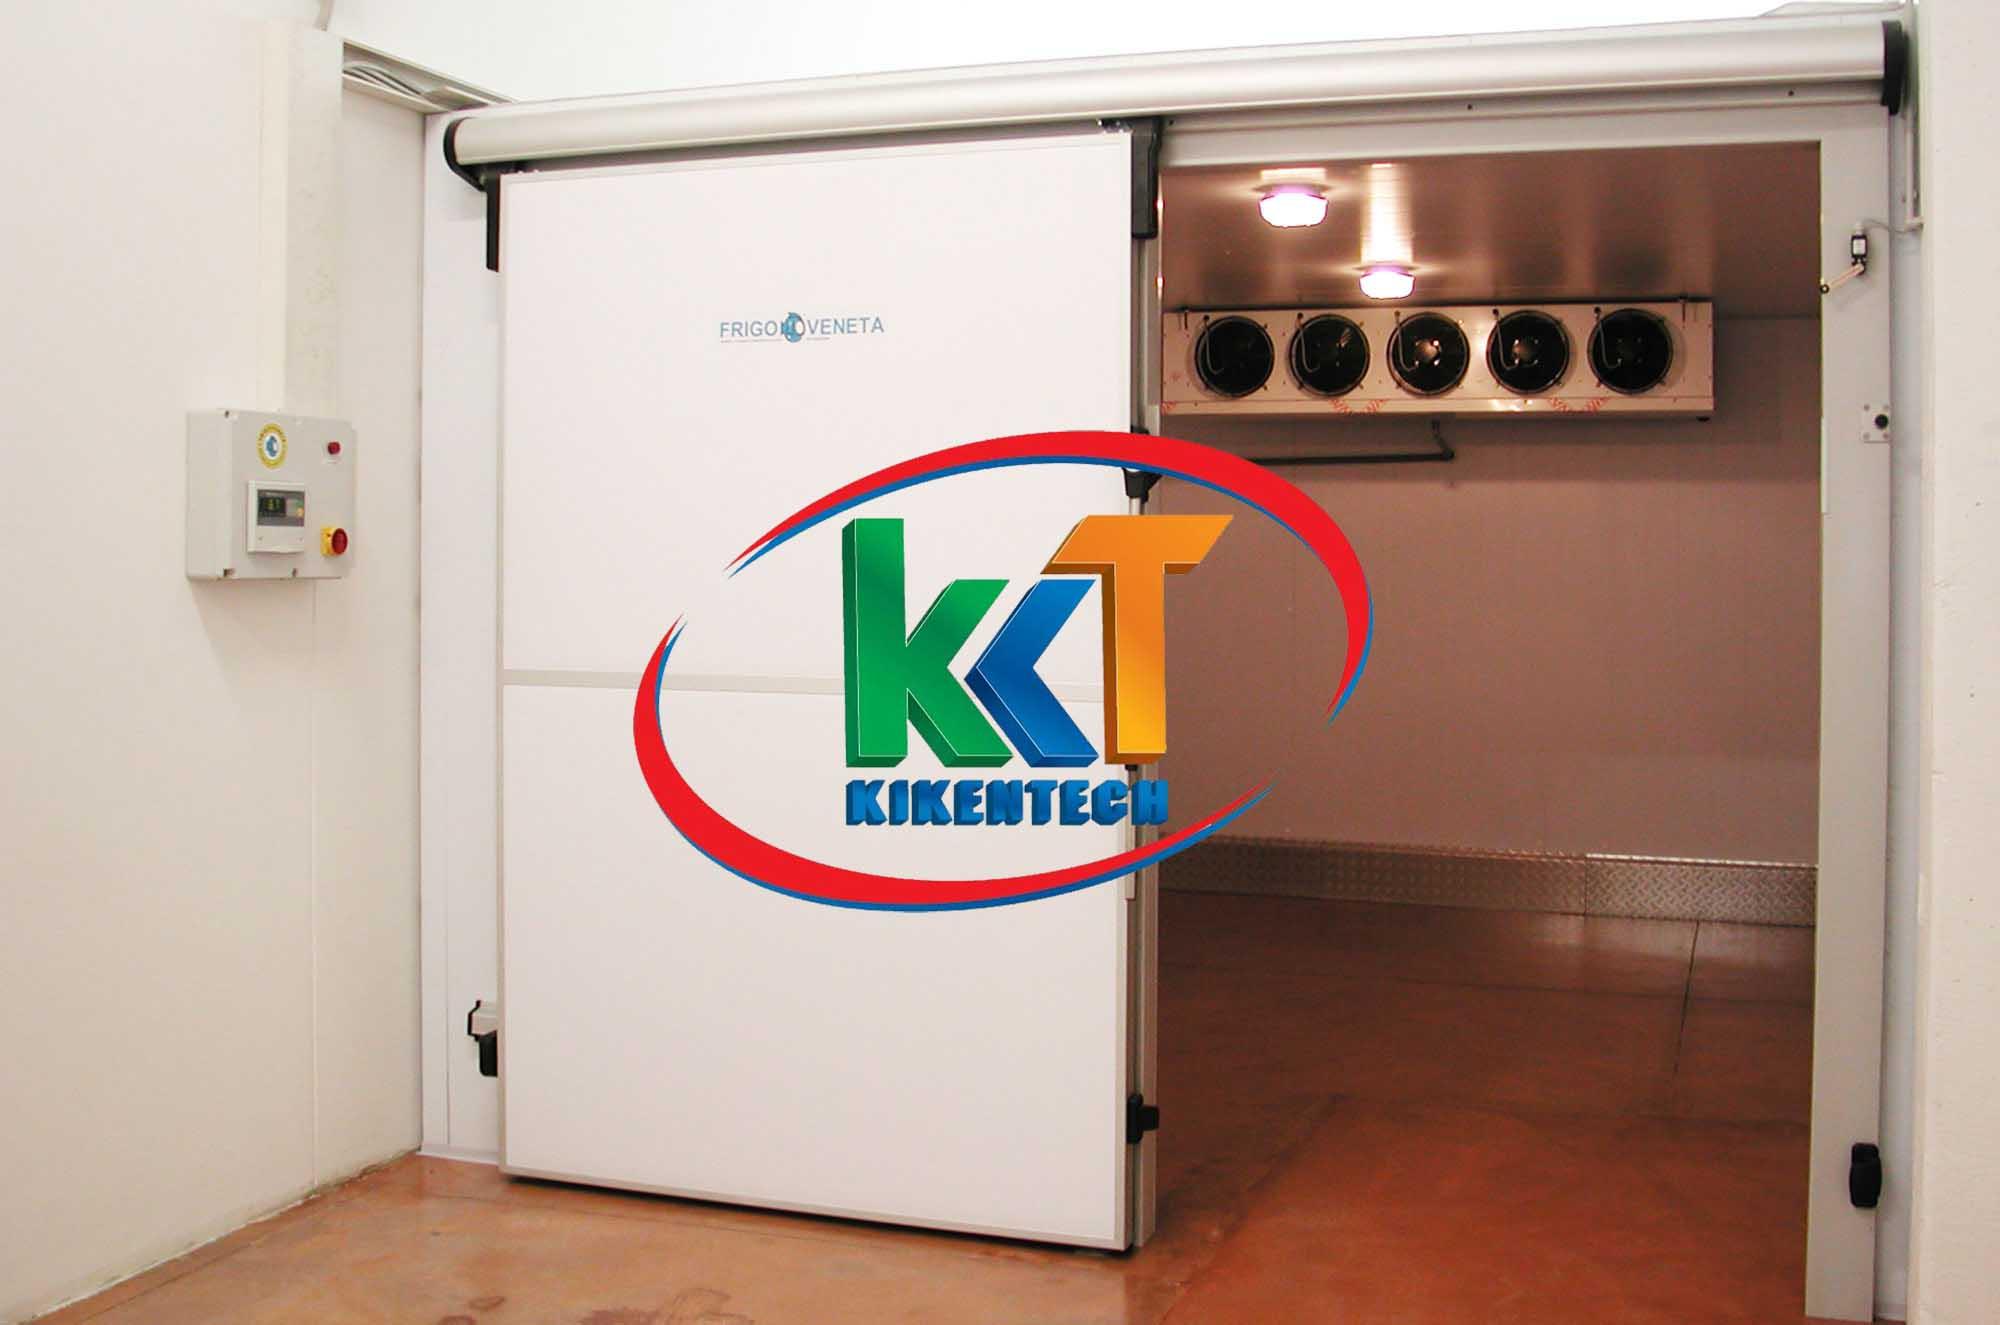 Lắp đặt kho lạnh bảo quản ở Hà Nam, lắp kho lạnh ở Phủ Lý - Hà Nam. Thi công lắp đặt kho lạnh bảo quản khoai tây giống ở Hà Nam. Làm kho lạnh bảo quản khoai